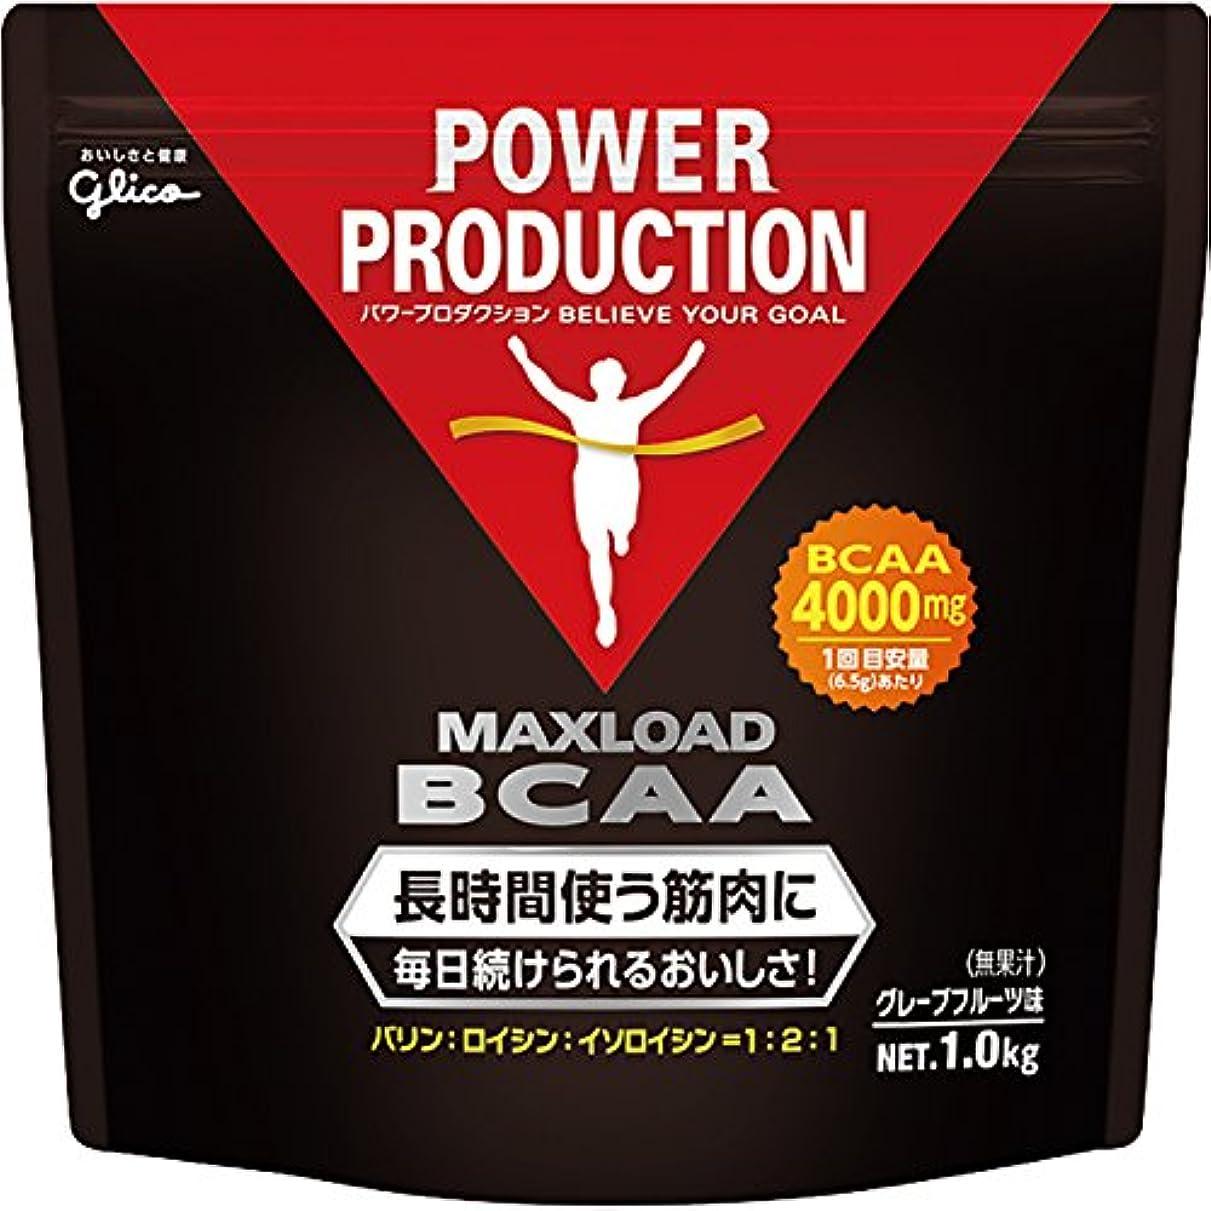 言う害虫明らかグリコ パワープロダクション マックスロード BCAA4000mg アミノ酸 グレープフルーツ風味 1kg【使用目安 約153回分】